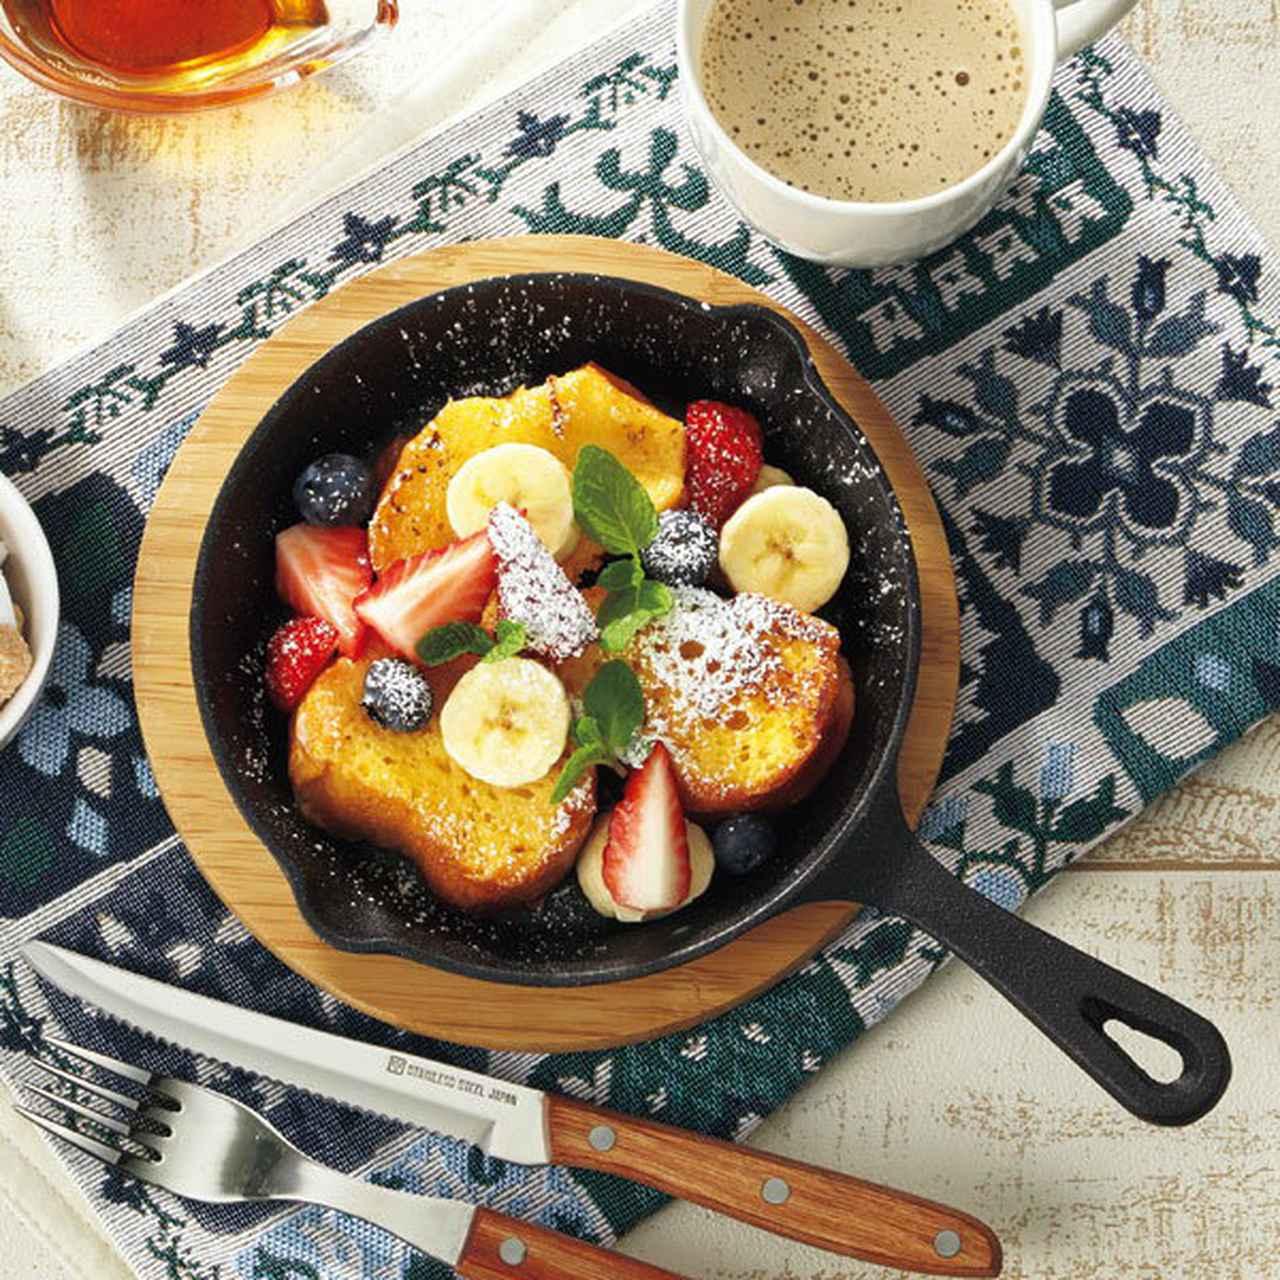 画像1: 【レシピ3選】煮込むだけでOK!トマトジュースや豆乳など『パック飲料』使いきり料理!ソロ・少人数キャンプにおすすめ!